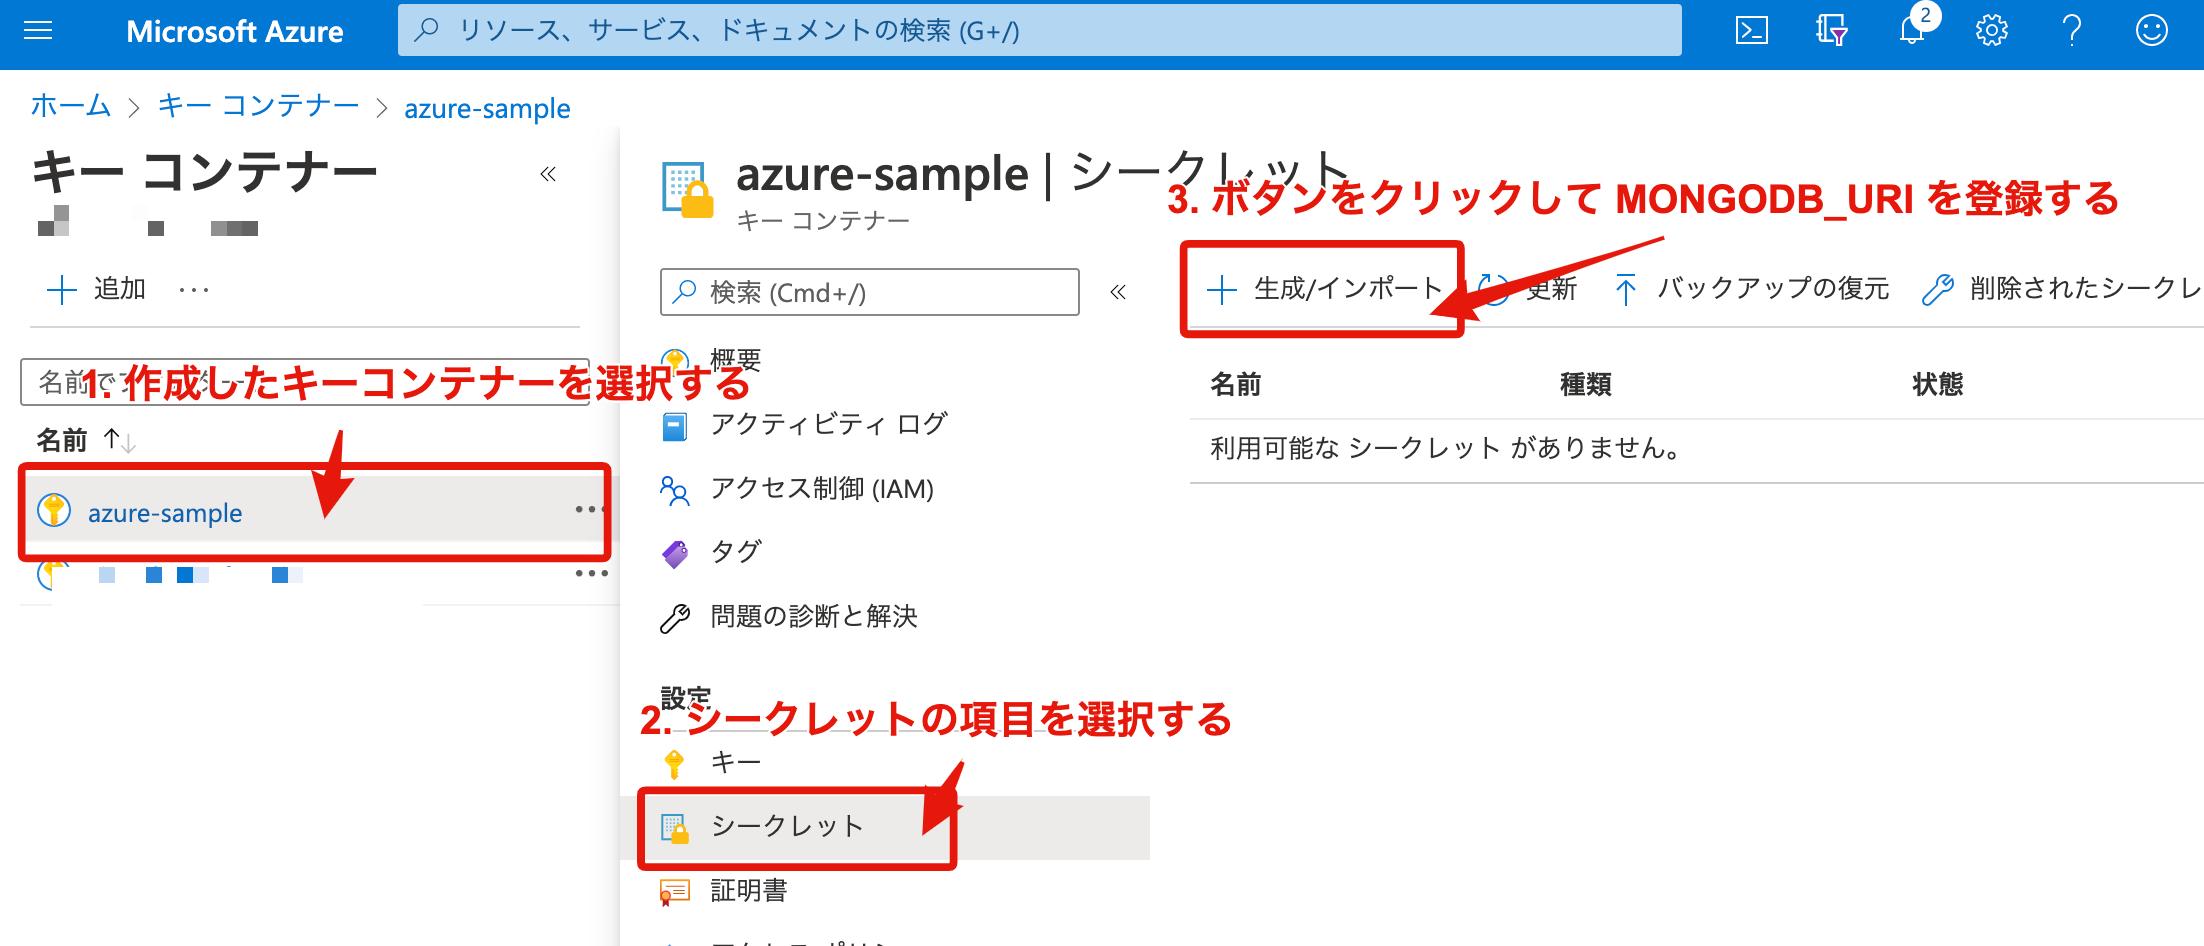 2. プライマリ文字列を登録するため、1. で作成したキーコンテナーのシークレット登録画面に遷移する